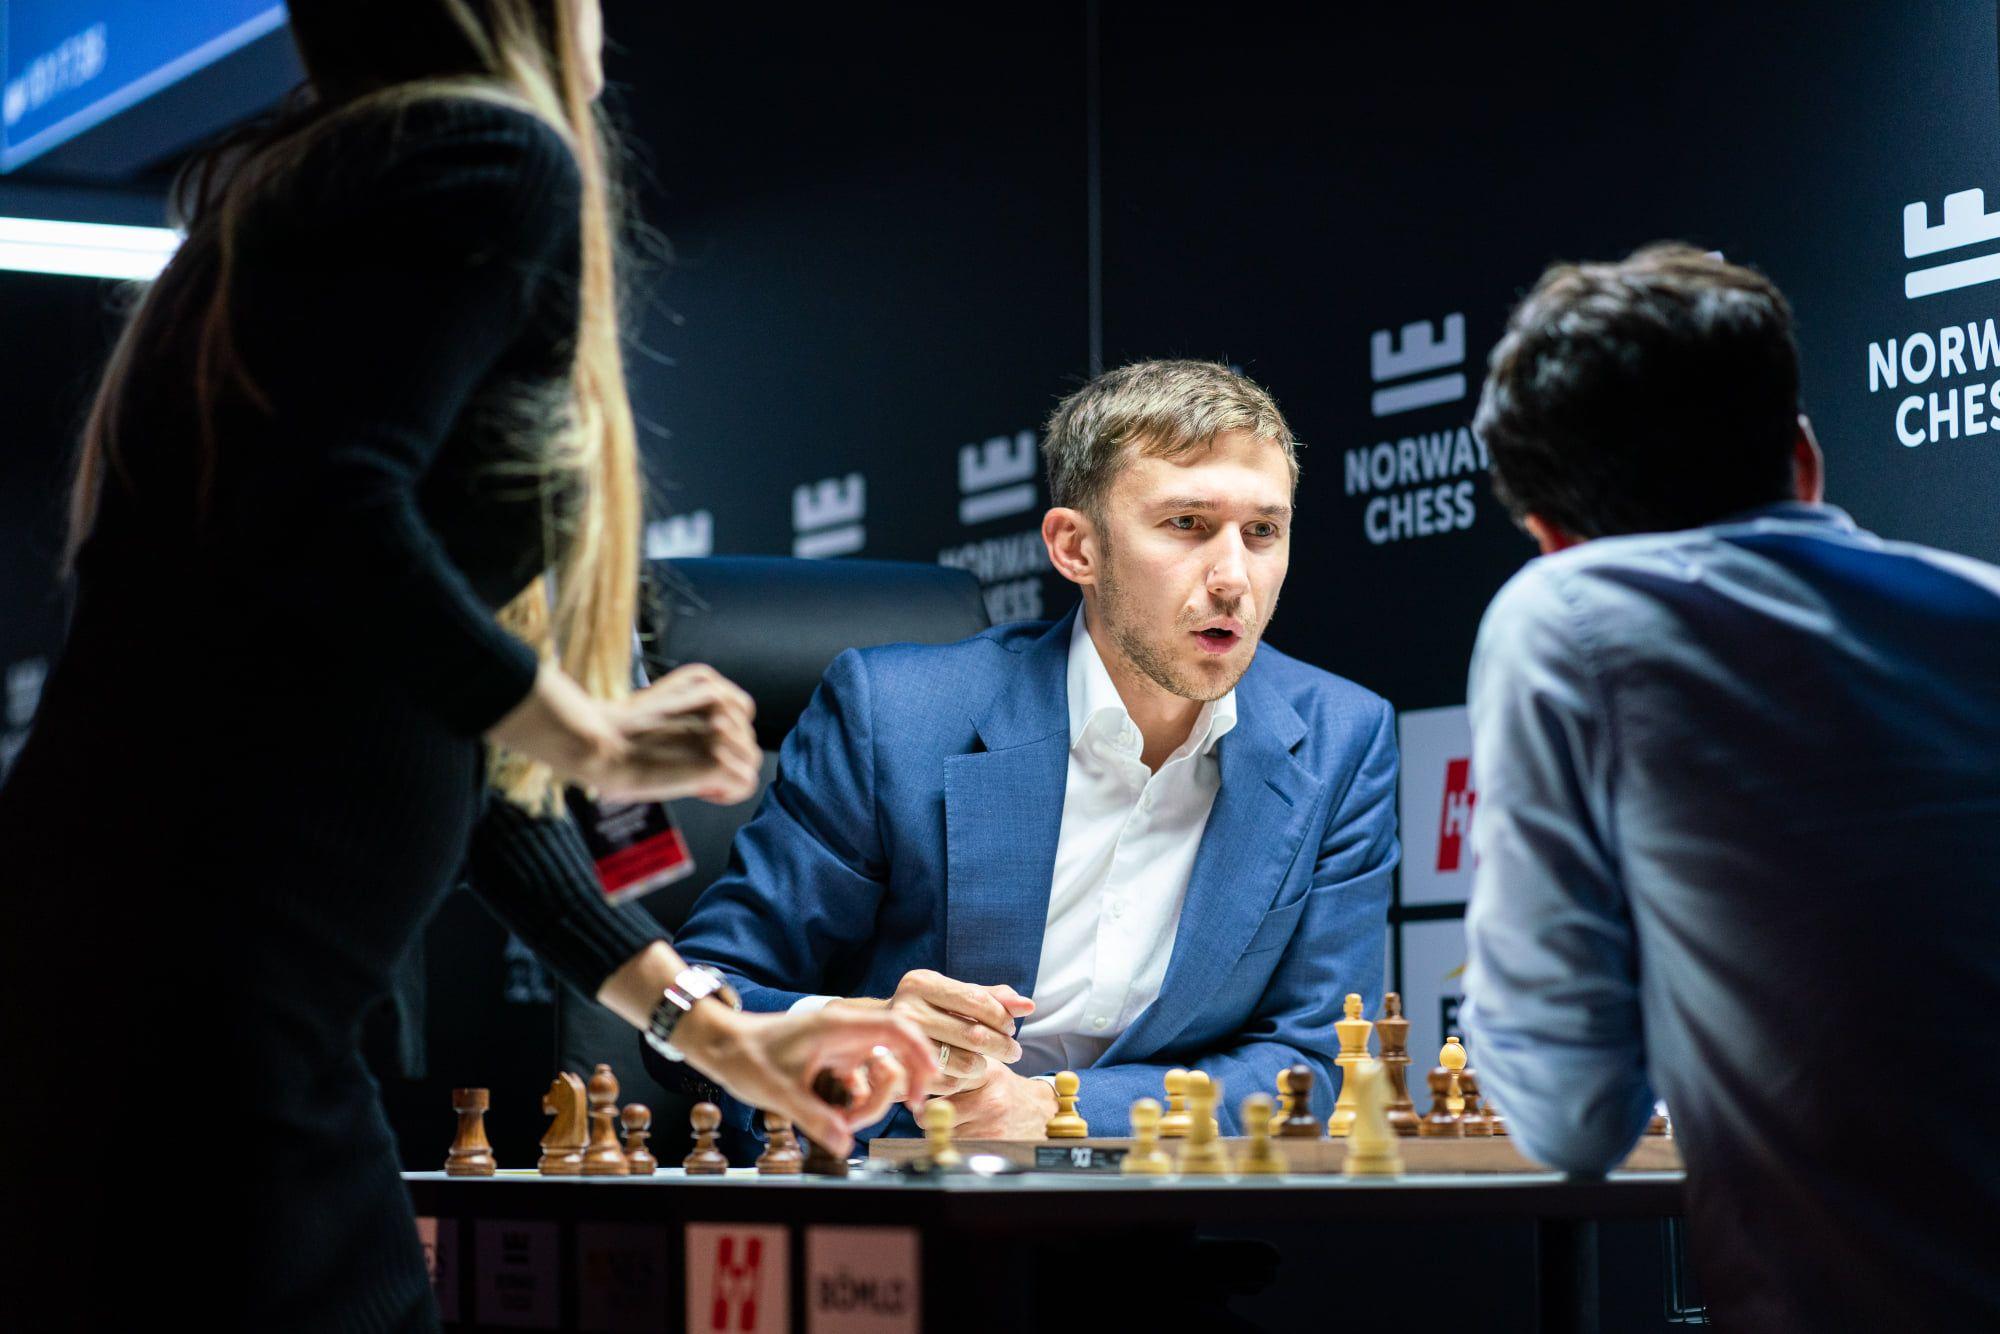 Karjakin Tari Armageddon 2021 Norway Chess